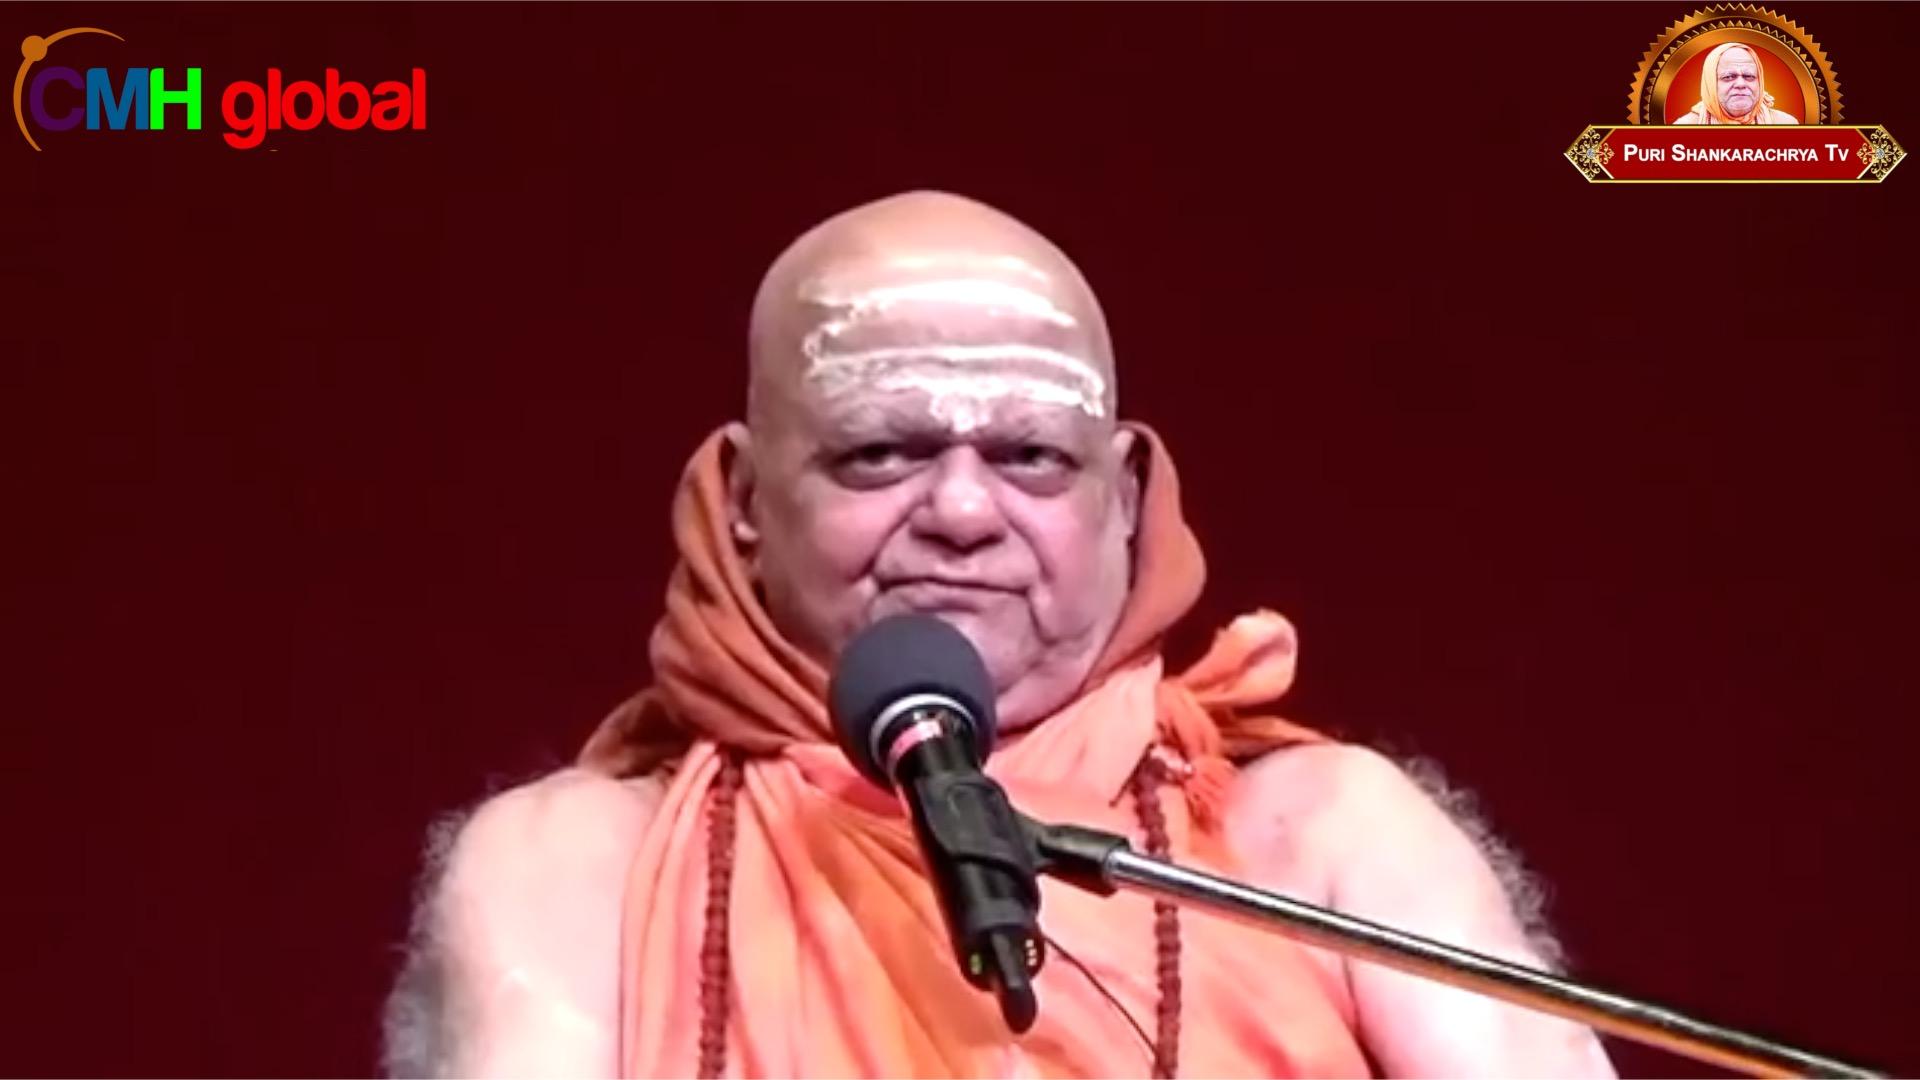 Gyan Dhara Ep -33 by Puri Shankaracharya Swami Nishchalananda Saraswati Ji